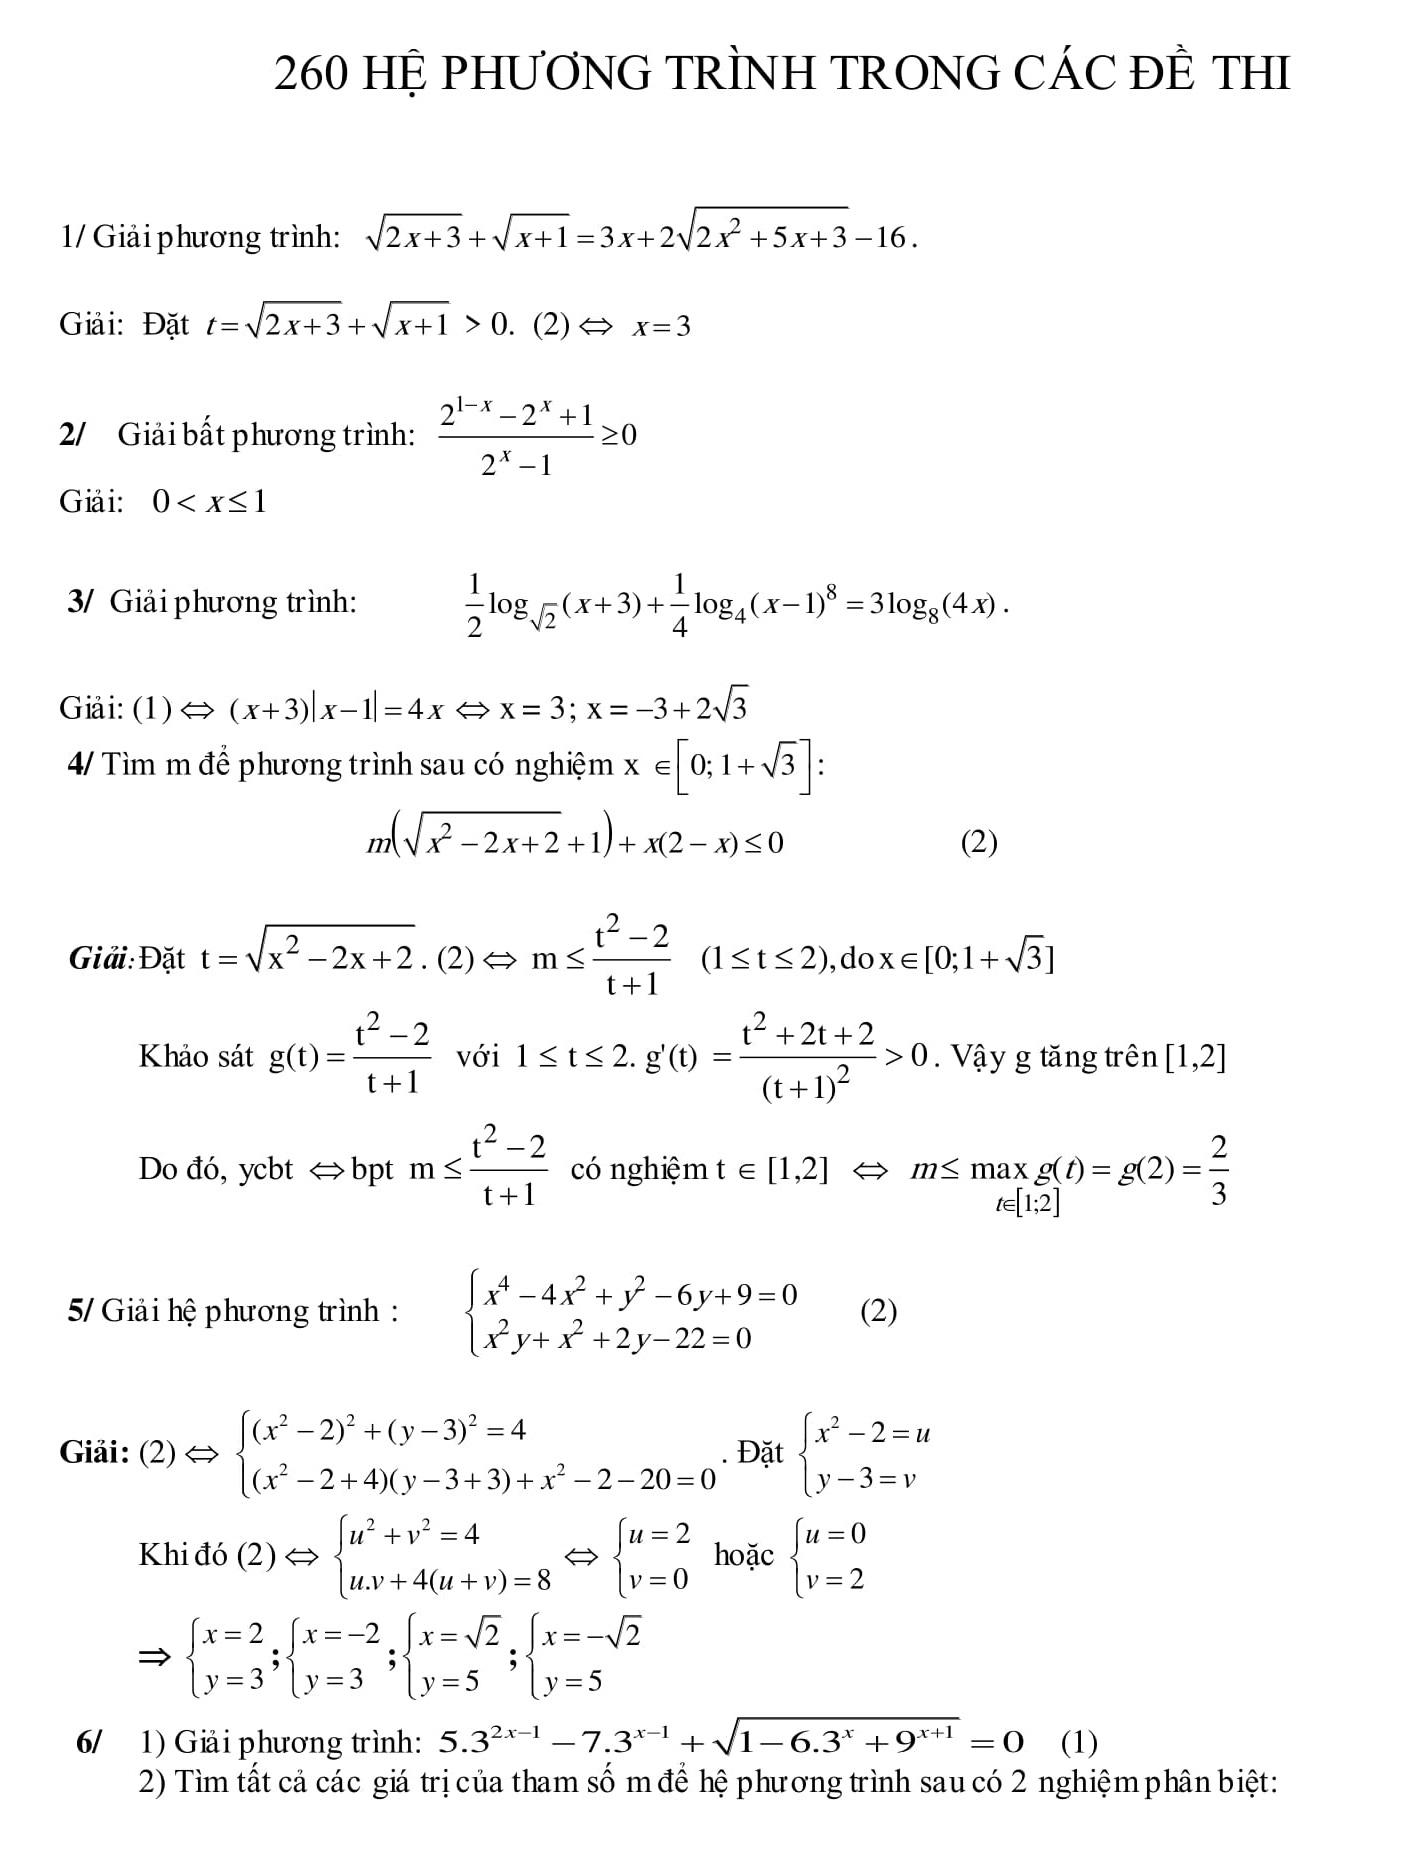 260 Bài tập Hệ phương trình Toán 9 trong đề thi